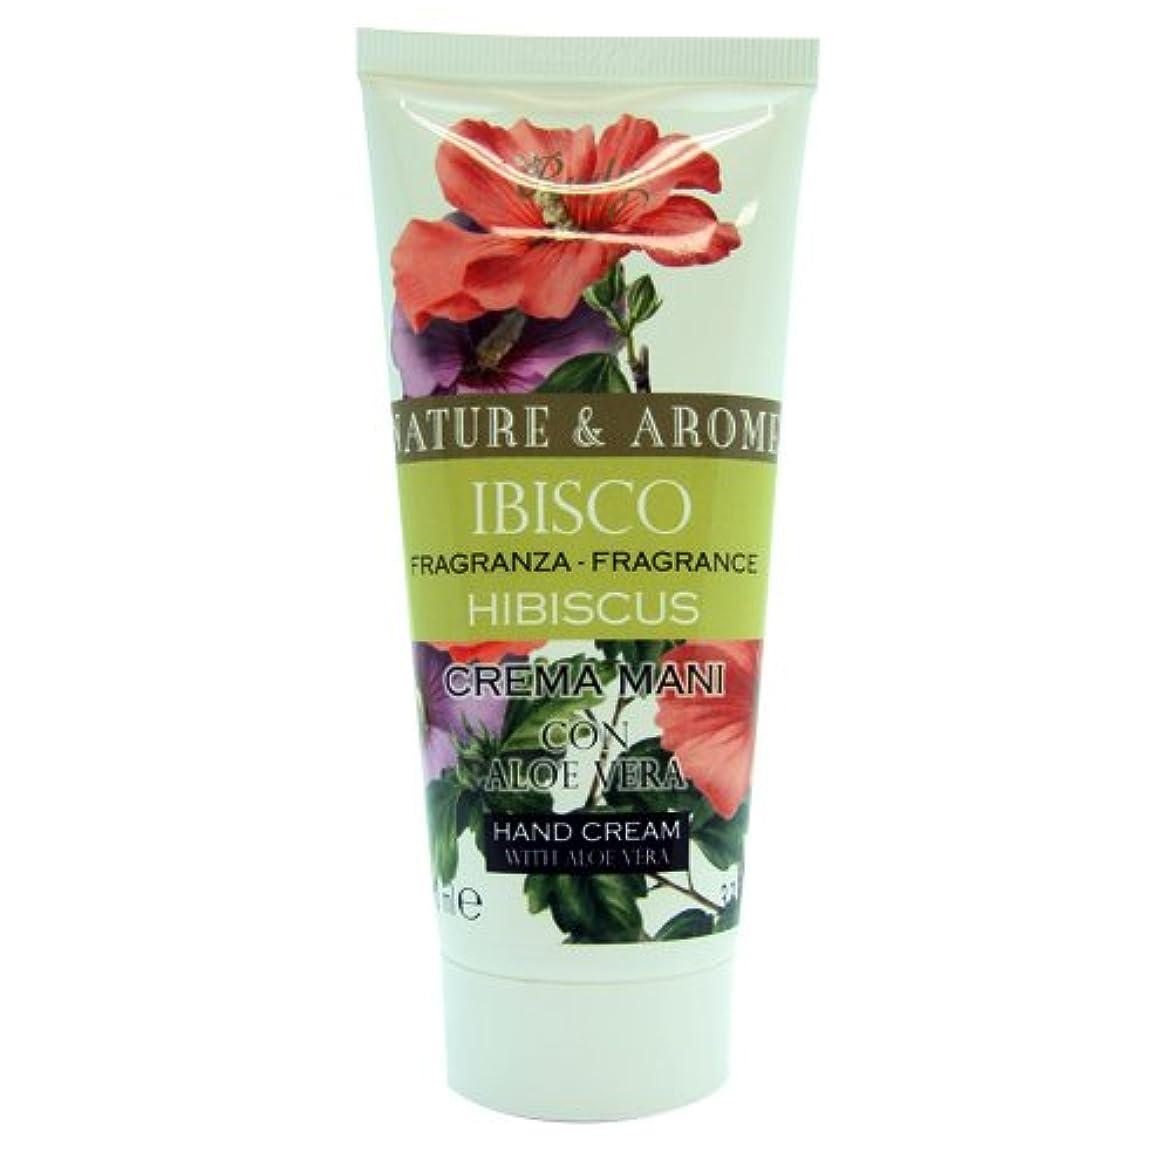 怒って刈る挑むRUDY Nature&Arome SERIES ルディ ナチュール&アロマ Hand Cream ハンドクリーム  Hibiscus ハイビスカス